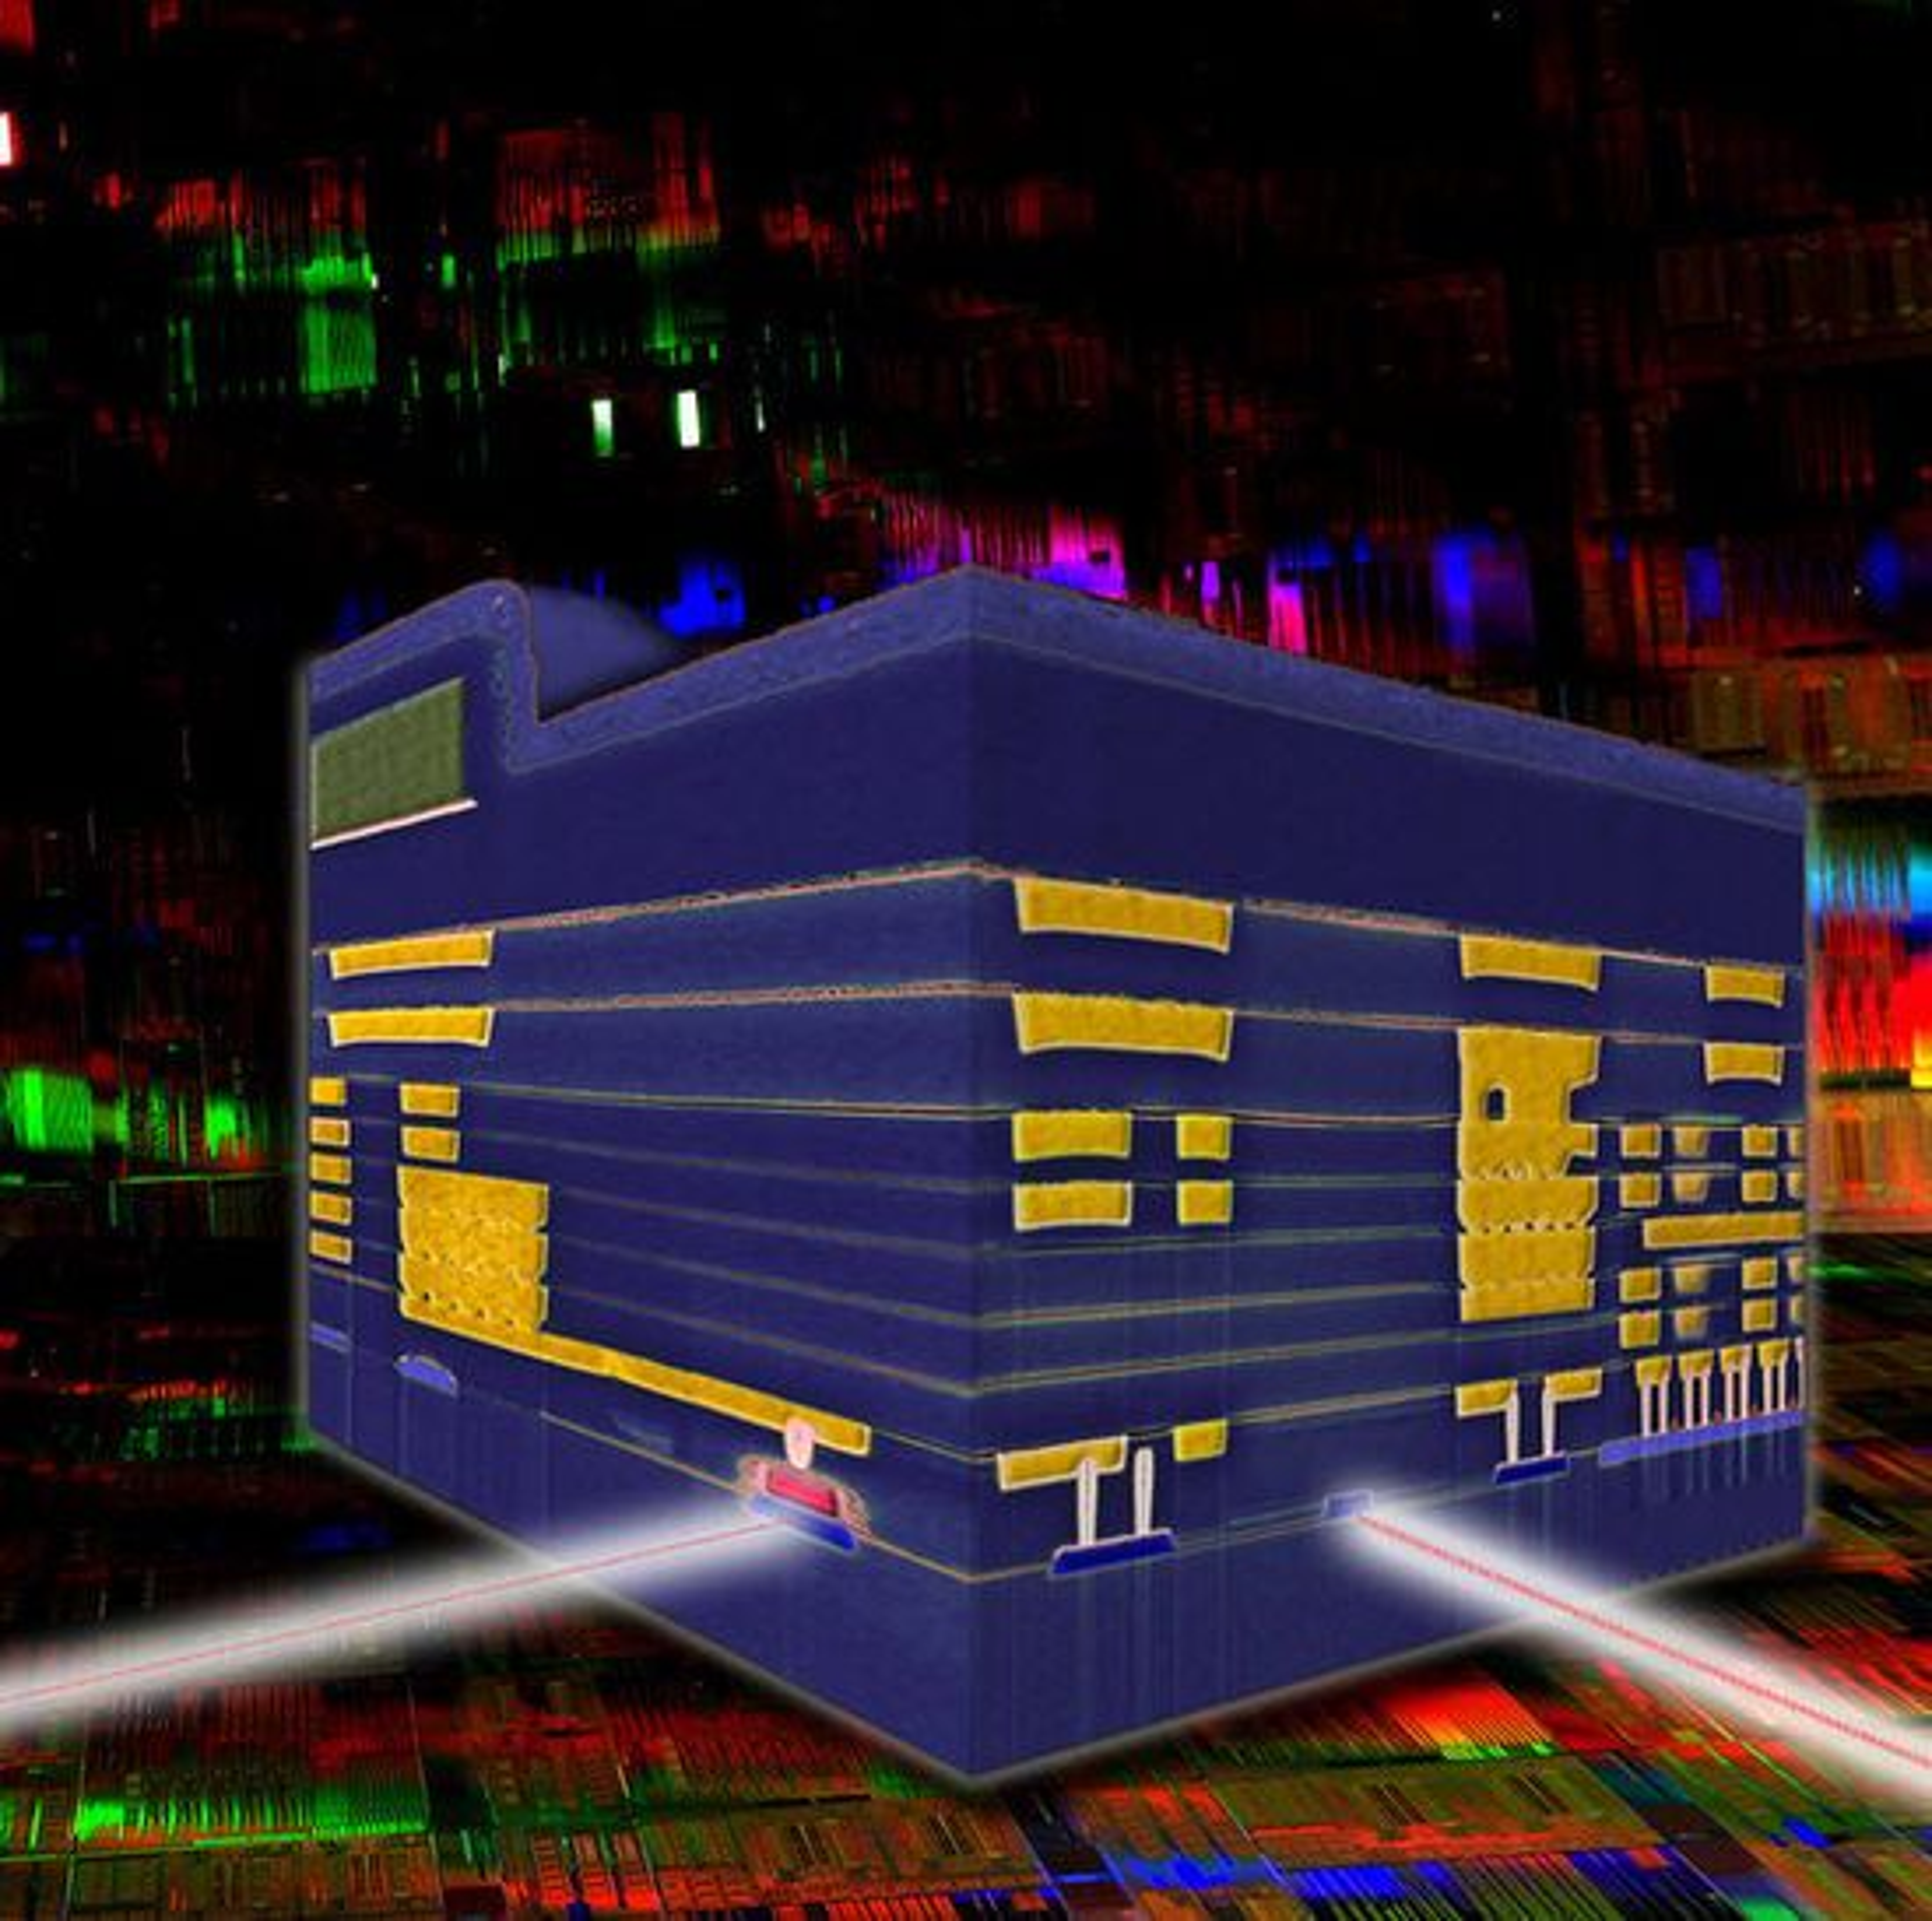 Tverrsnitt av en silisiumbasert nanofotonikk-brikke fra IBM hvor elektriske (gult) og optiske (blått) kretser kombineres.